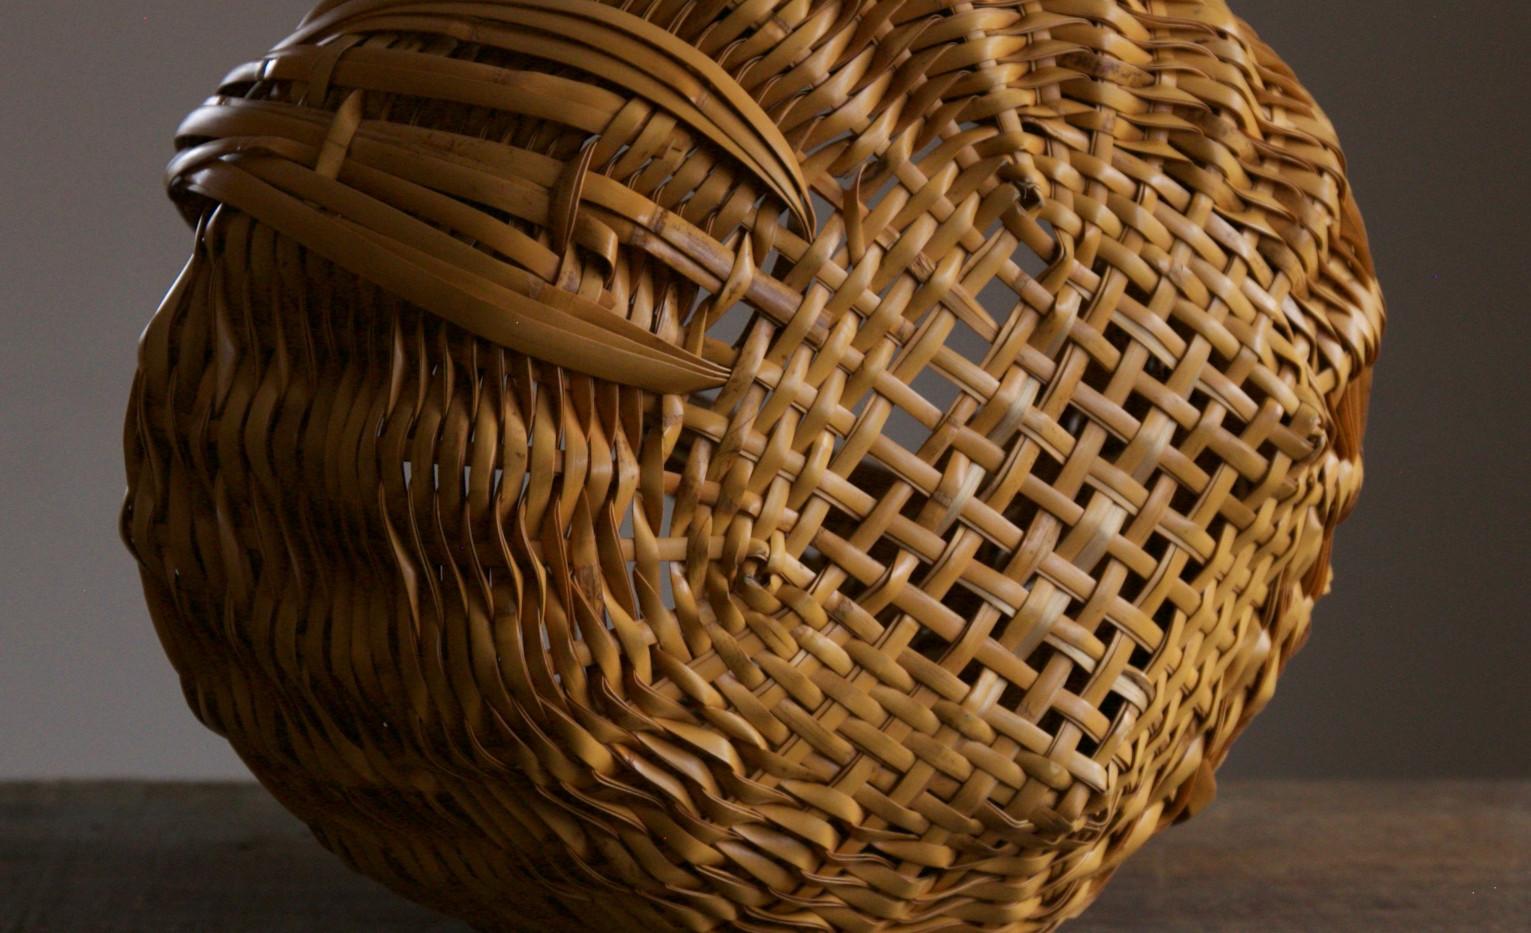 Folded basket by Iizuka Shokansai 07.jpg